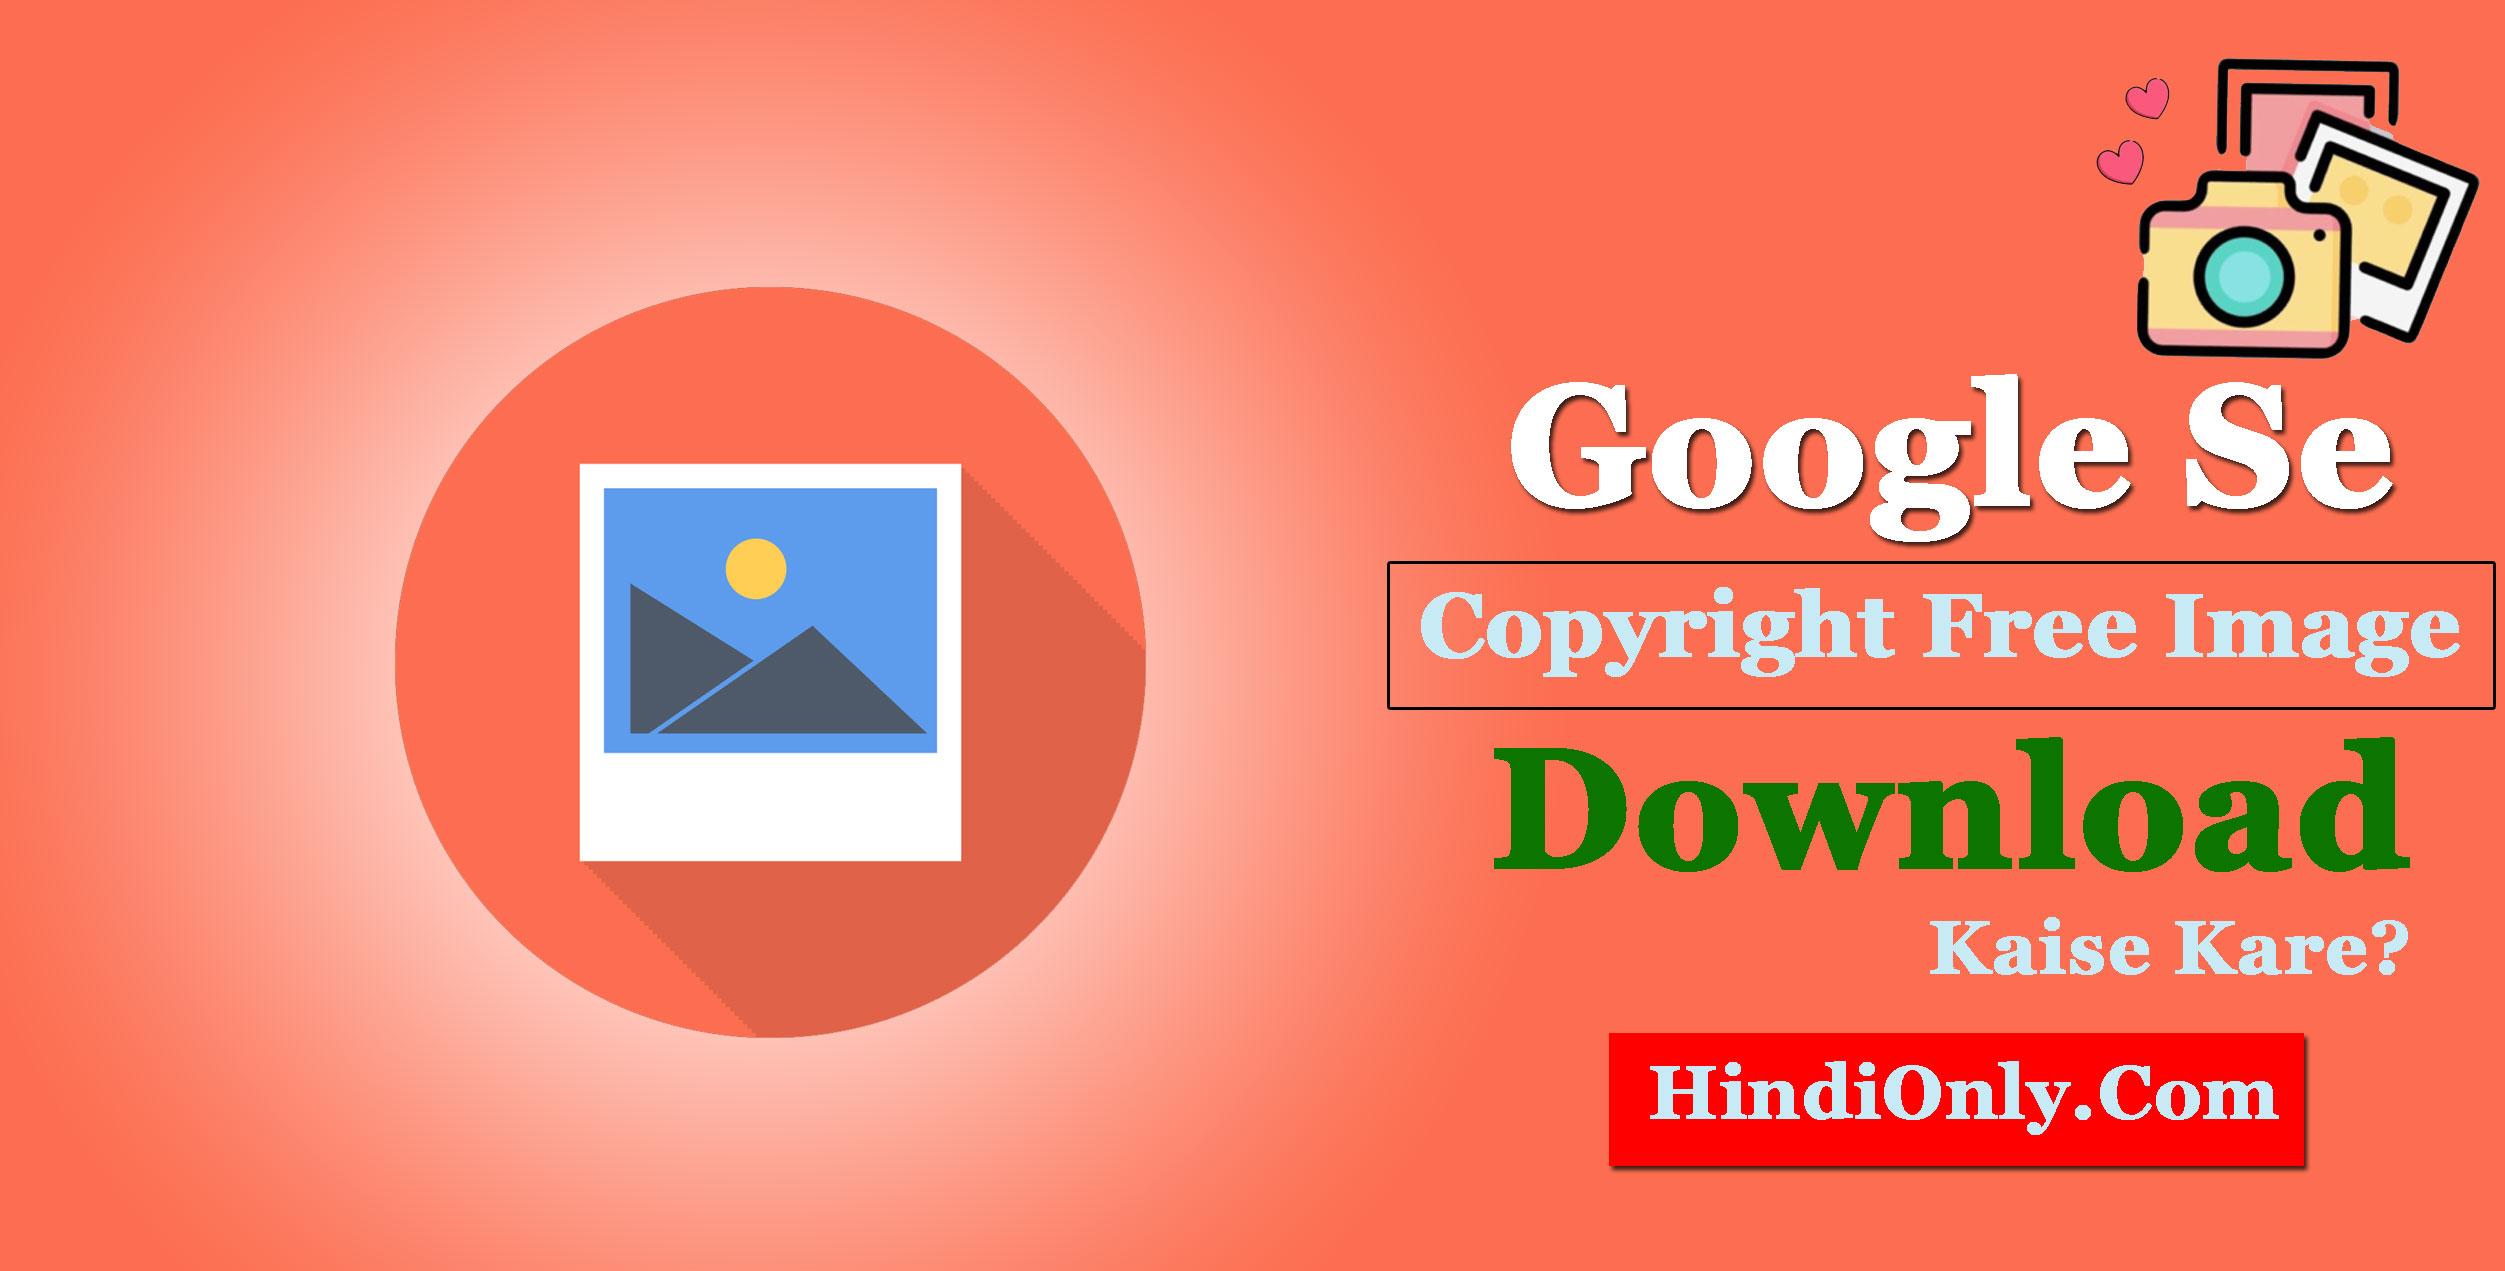 Copyright Free Image Download कैसे करे